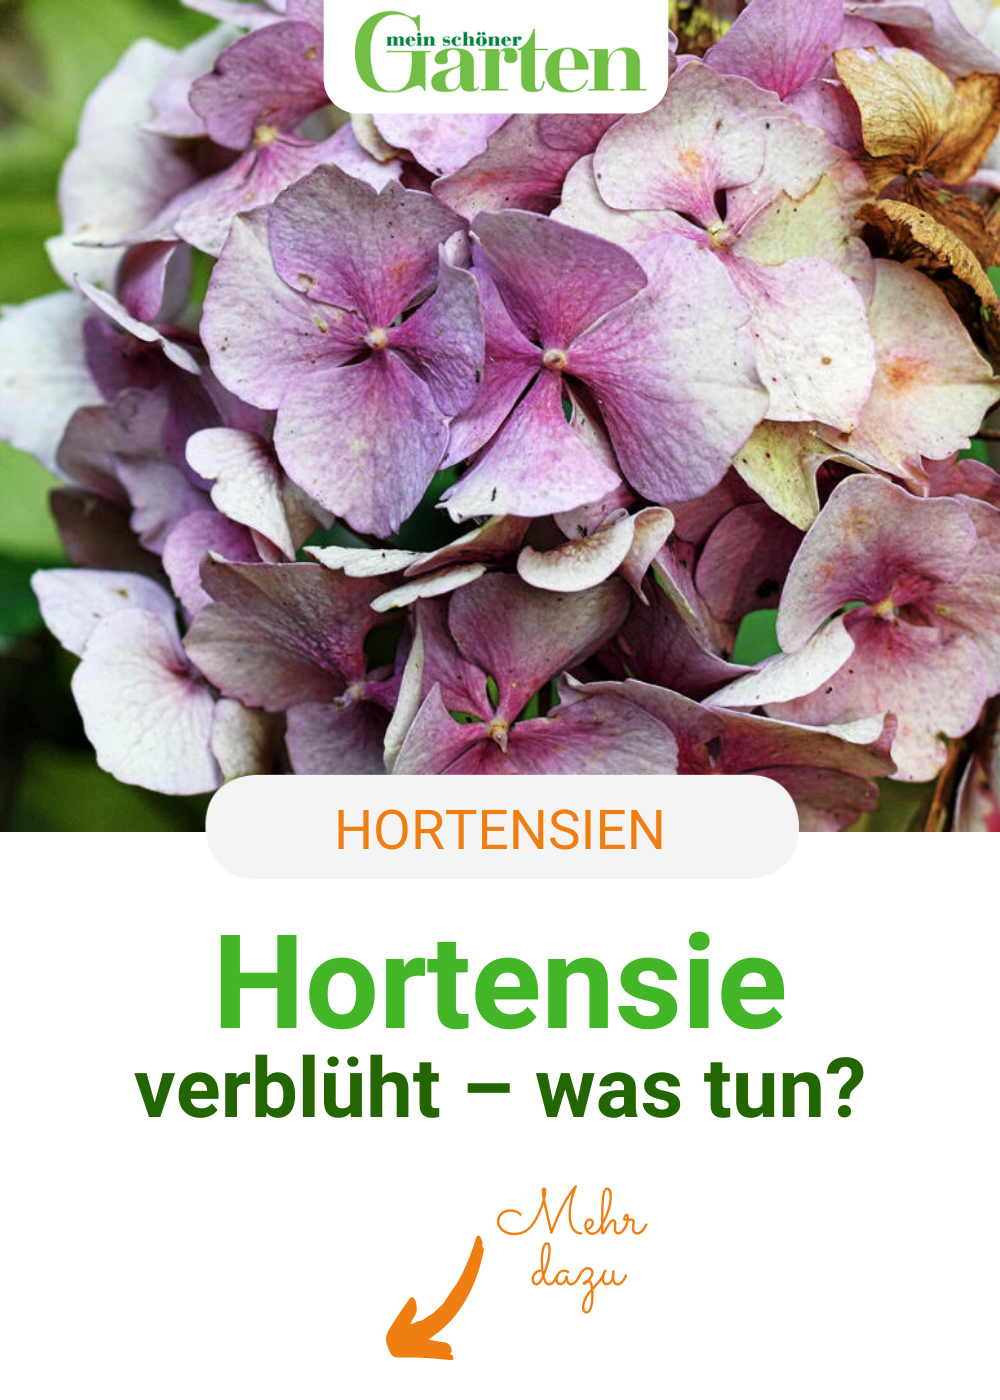 Hortensie verblüht – was tun?